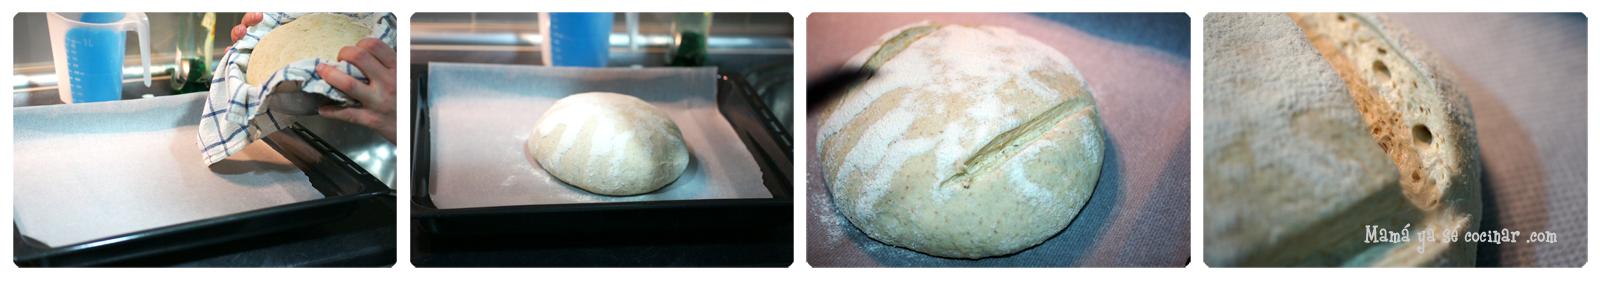 pan4 Hogaza de pan con masa madre